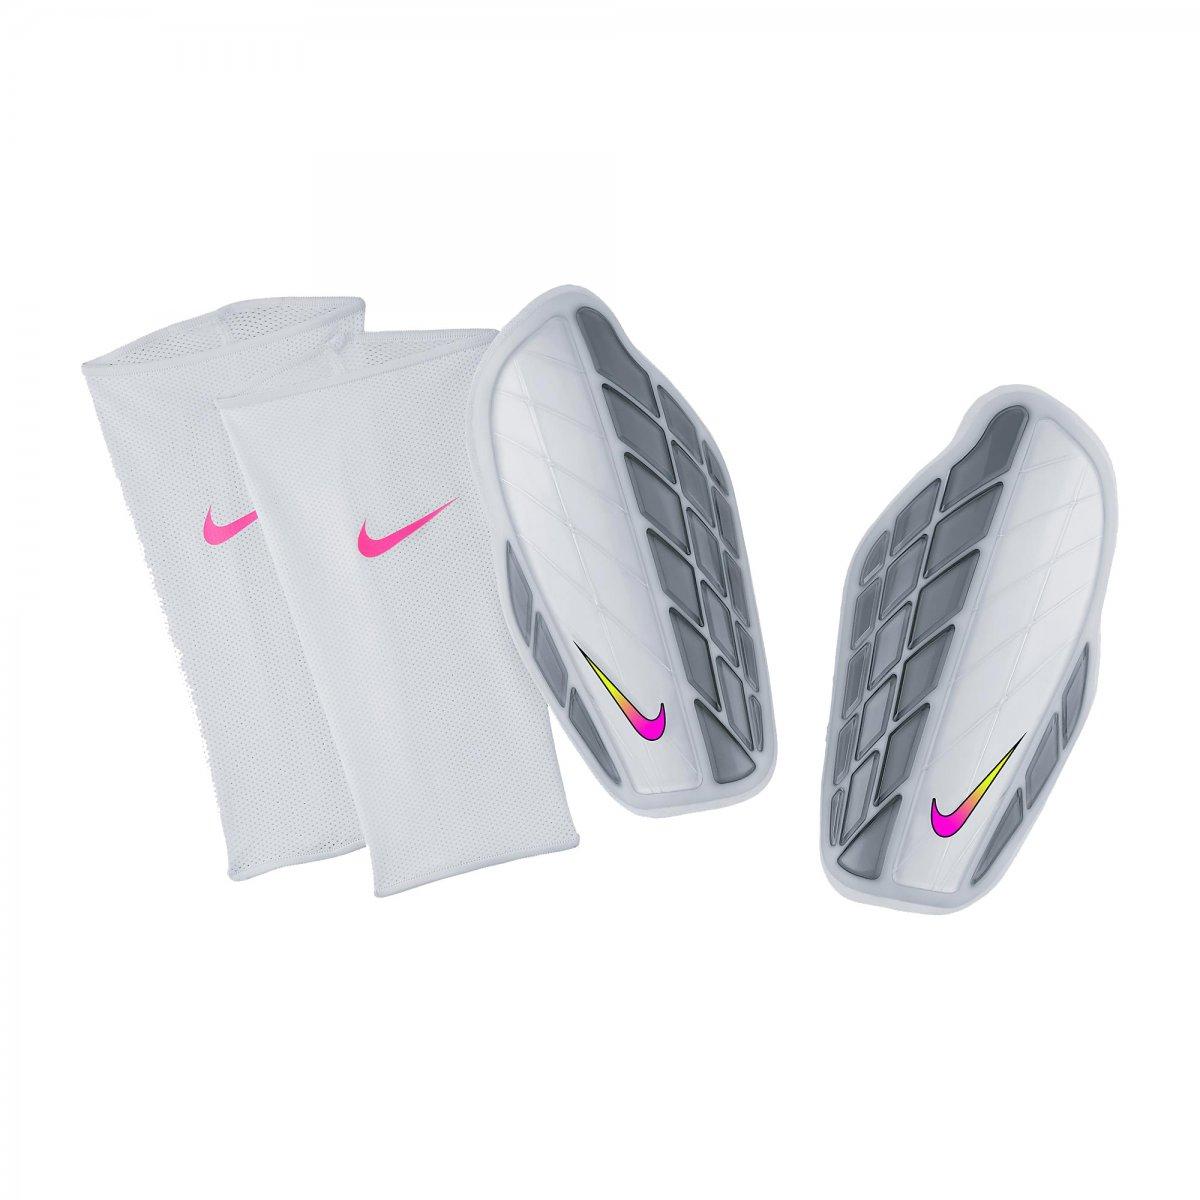 Caneleira de Futebol Nike Protegga Pro Sp0315-104 Branco Prata 5cc31a3311c41